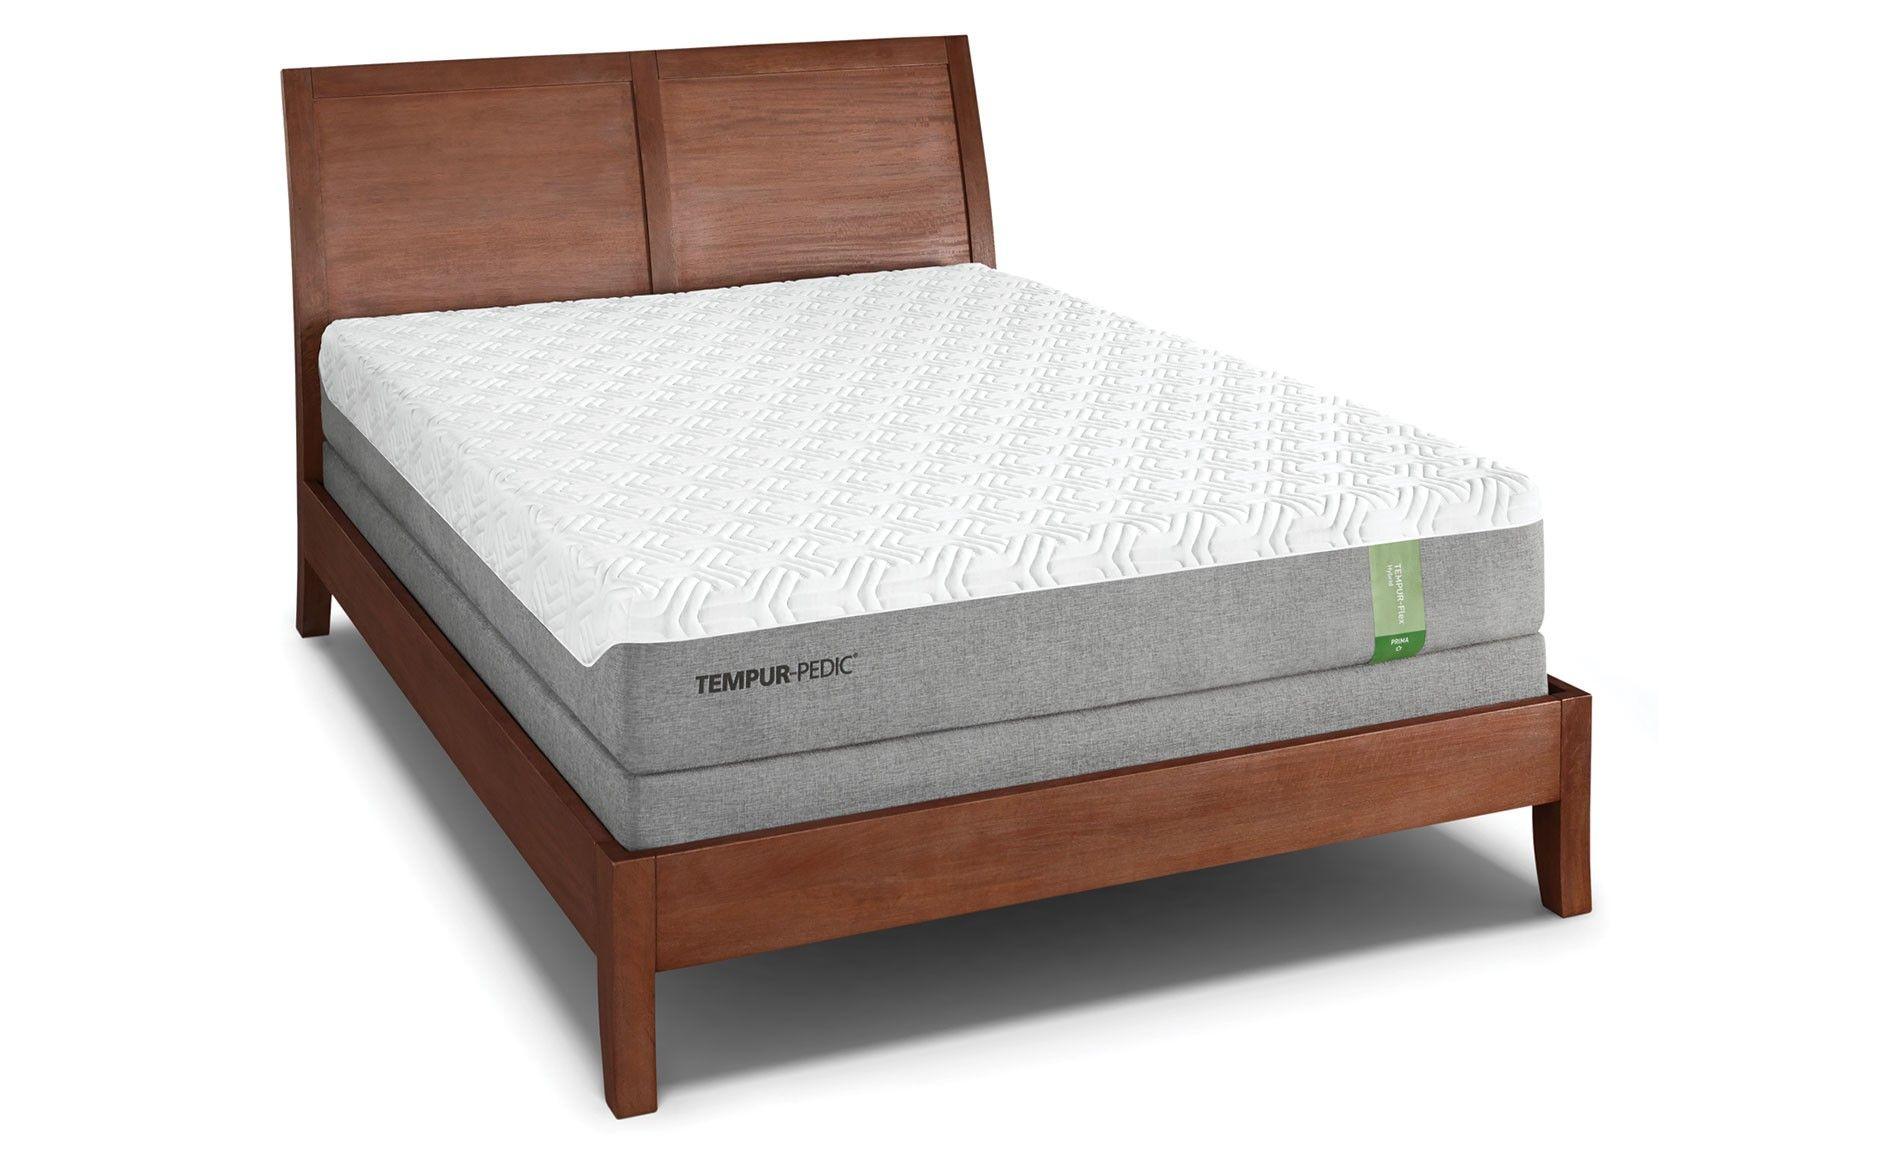 Fantastic Tempurpedic Sofa Bed in 2020 Mattress